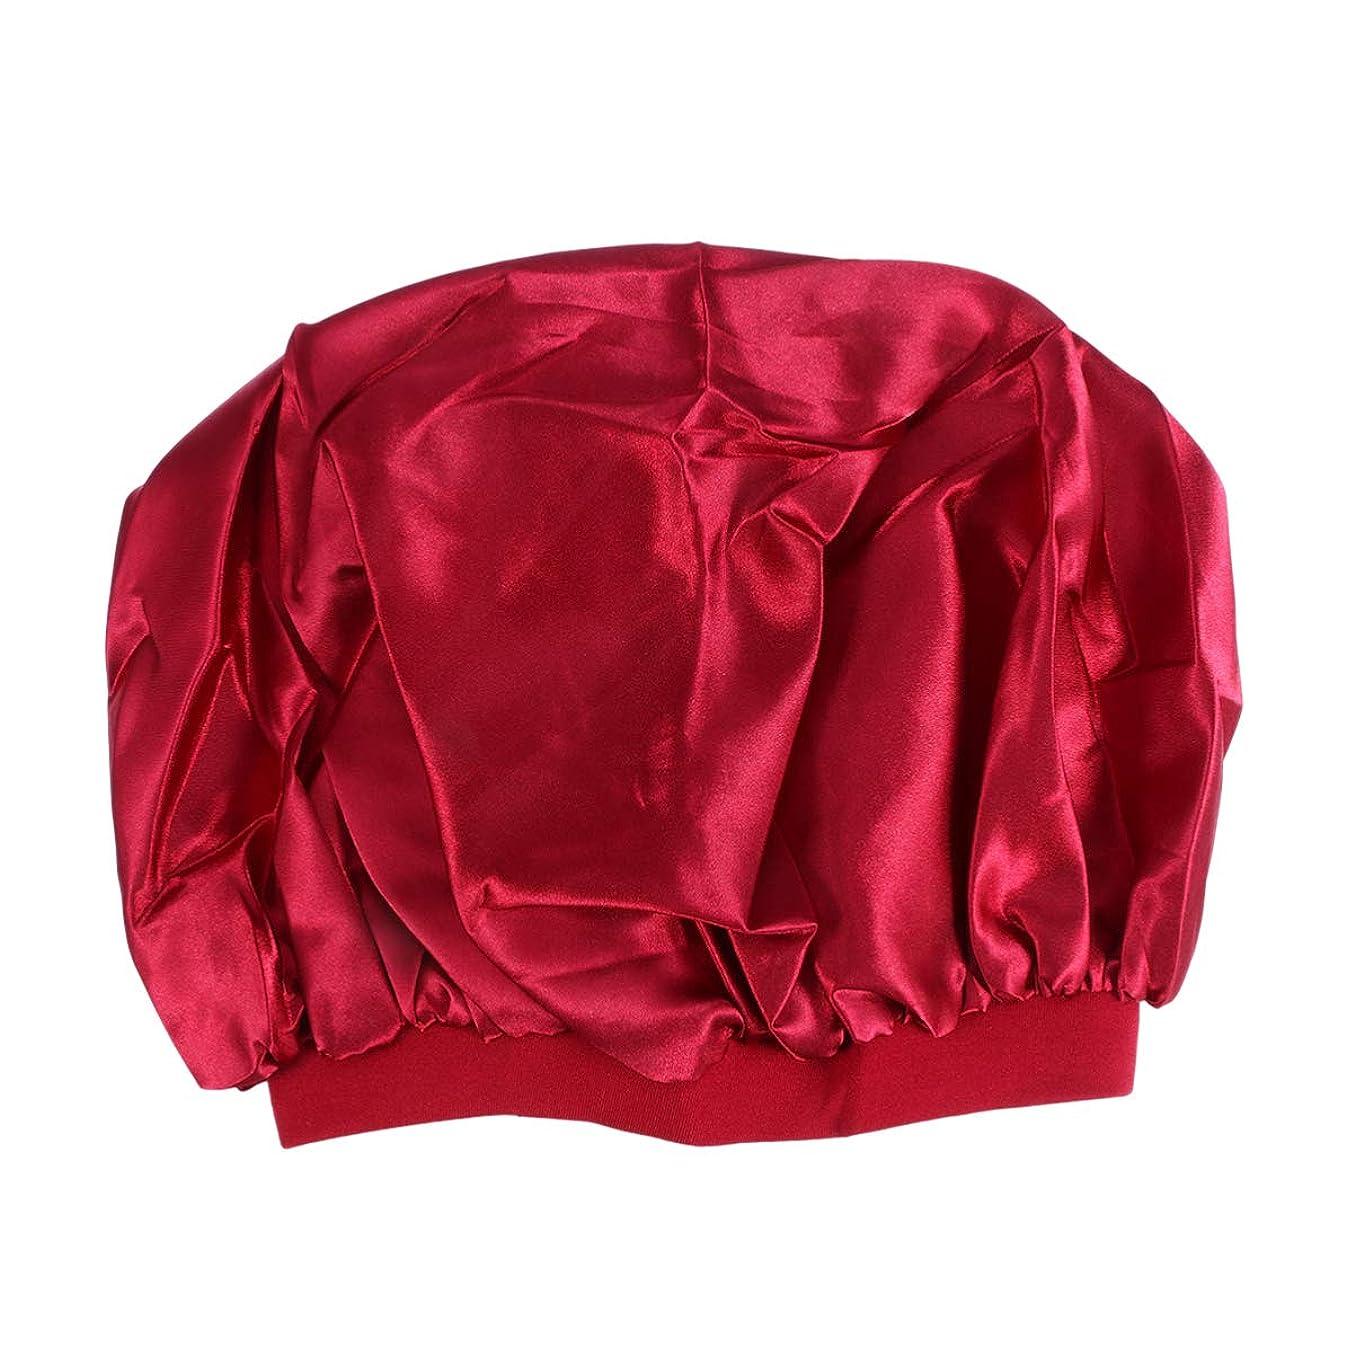 オーバーコートホストチャールズキージングHEALLILY 睡眠シャワー入浴用のシンプルで実用的な大きなサイズのラウンドキャップ弾性スリープキャップを寝ている??女性(黒)